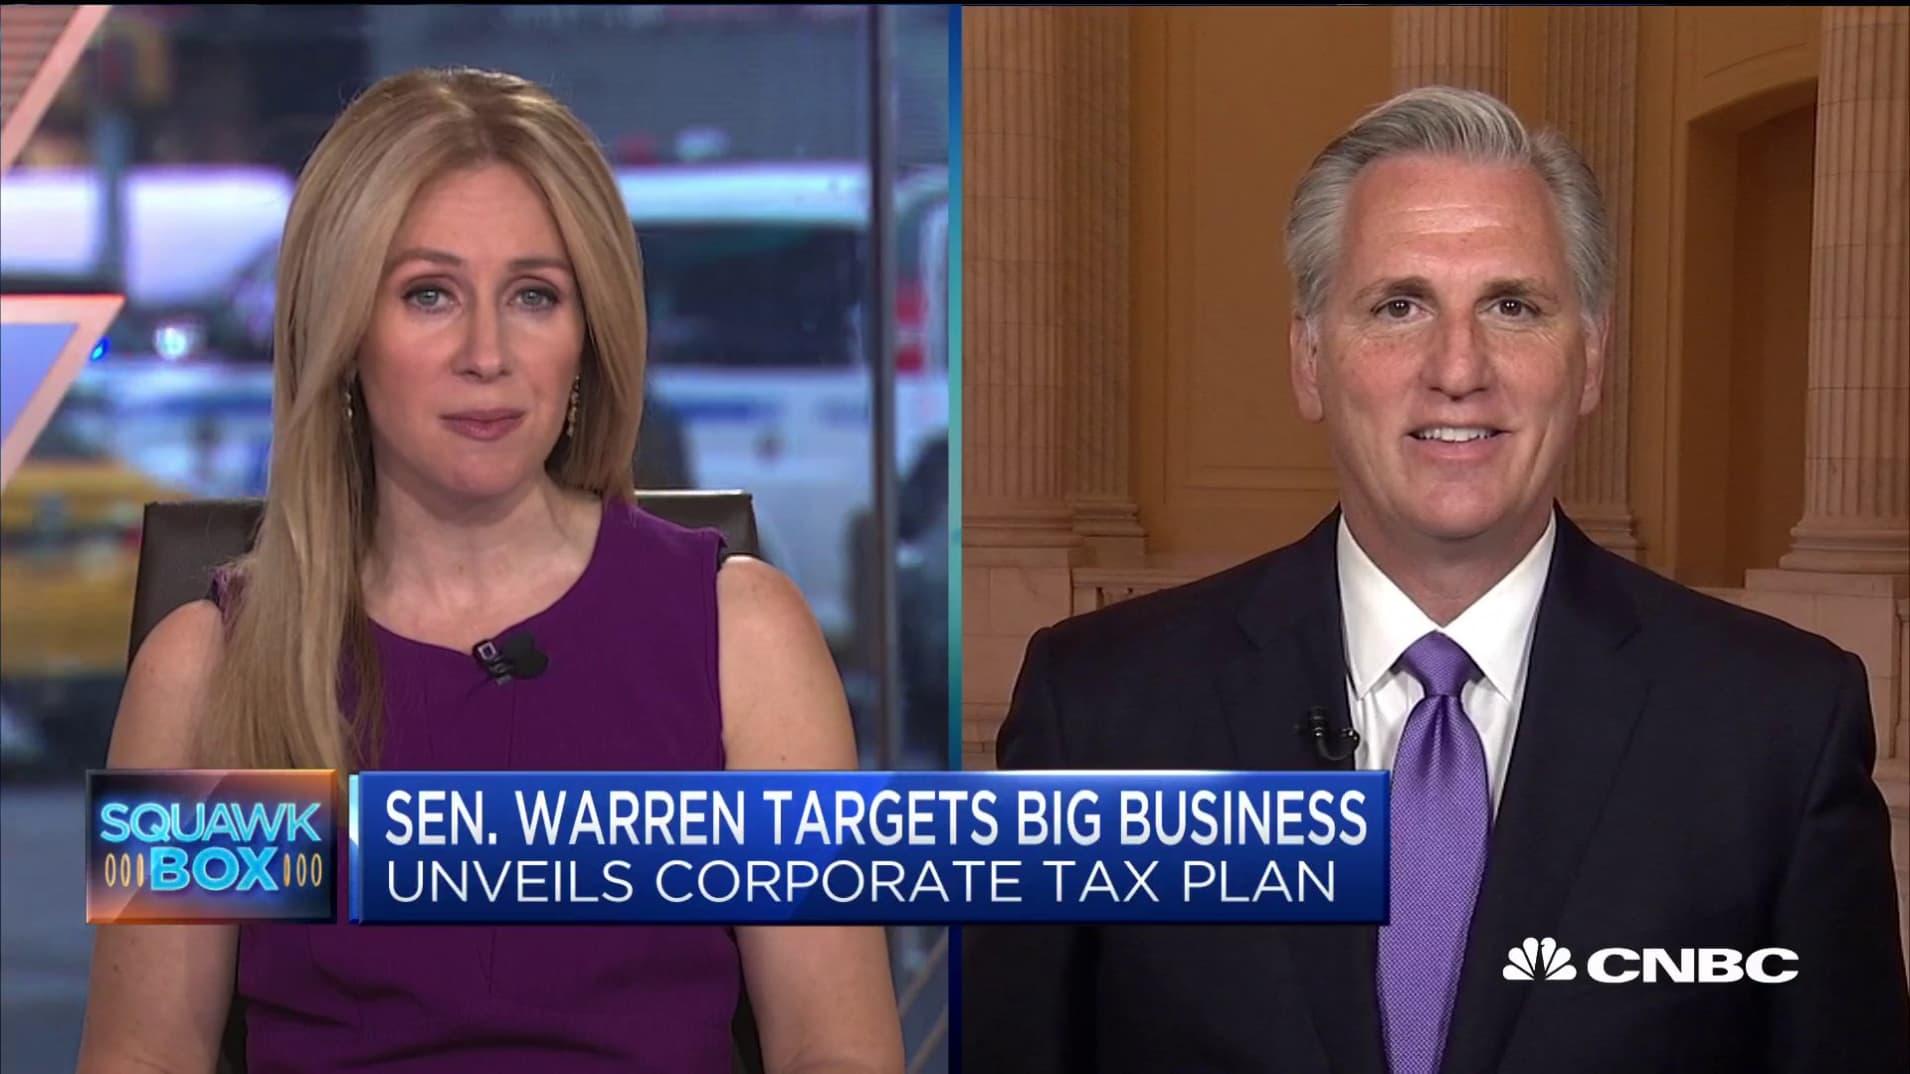 Elizabeth Warren's corporate tax plan won't work out: House minority leader Kevin McCarthy